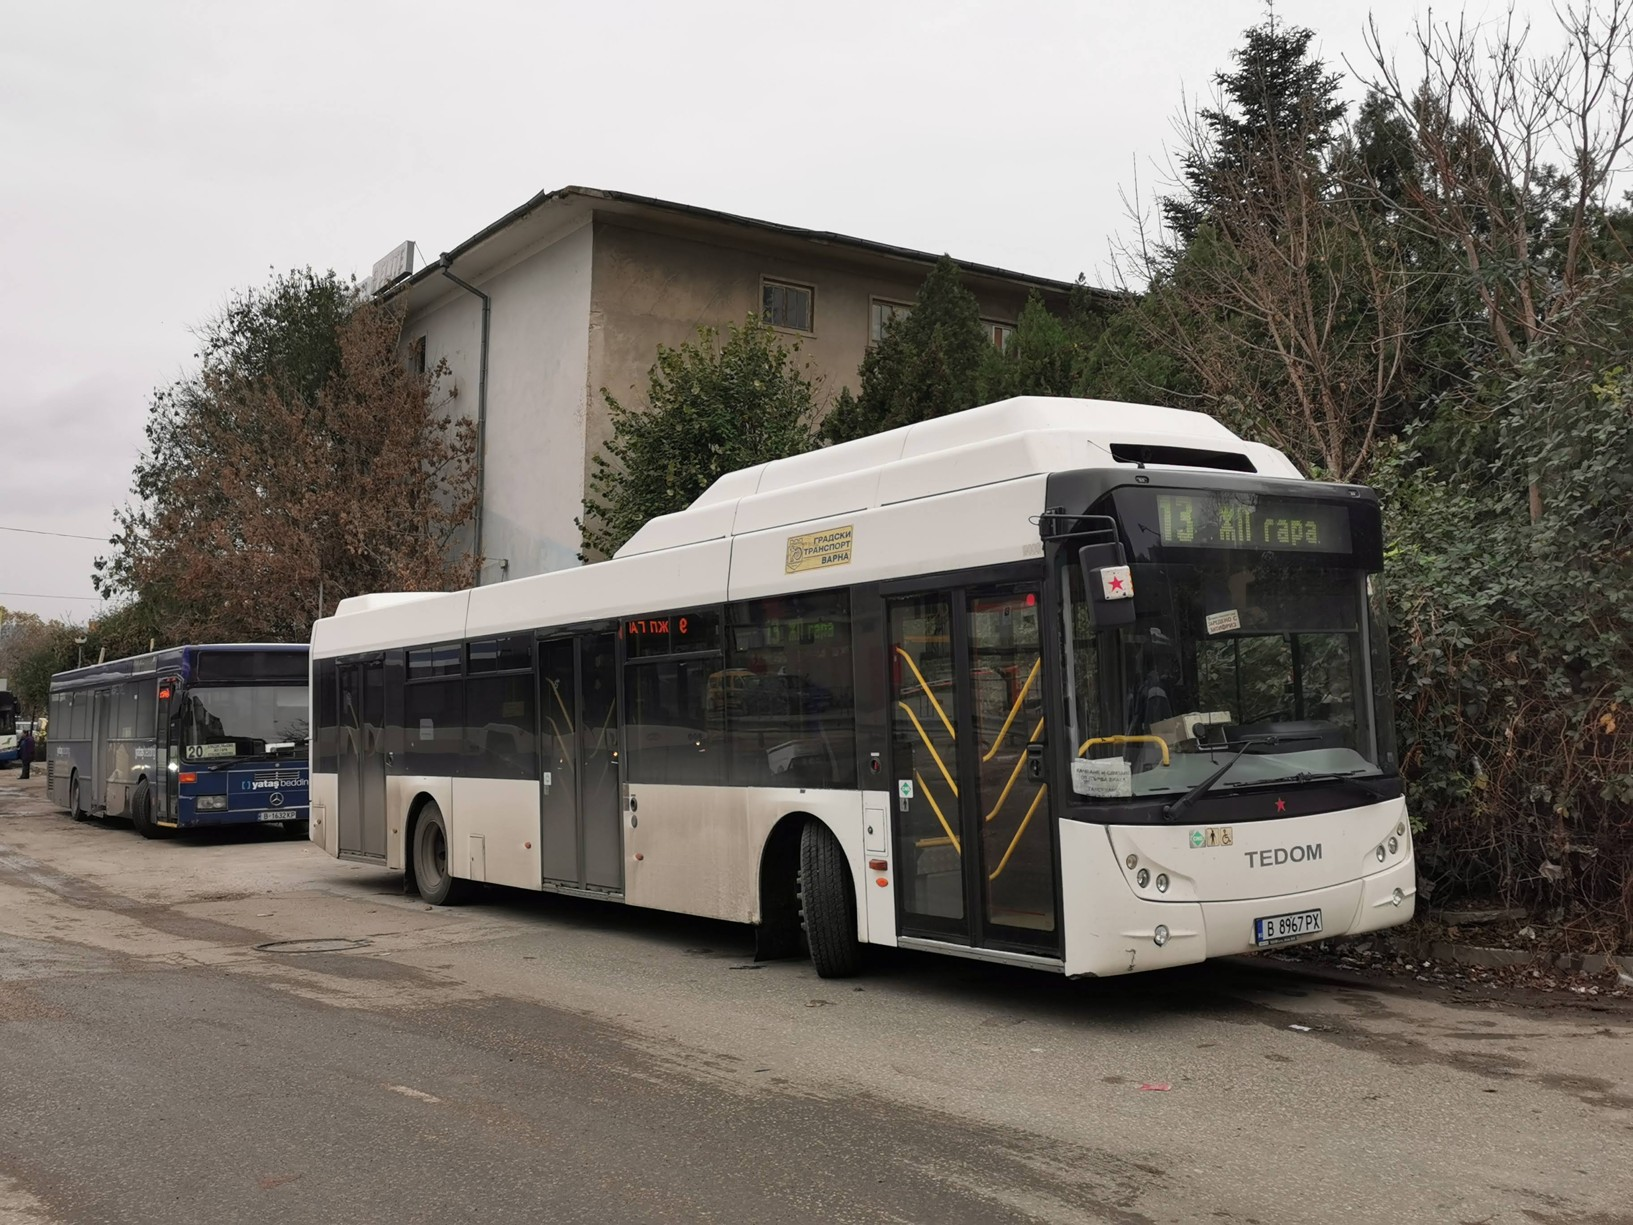 Varna - za autobusy a trolejbusy k pobřeží Černého moře